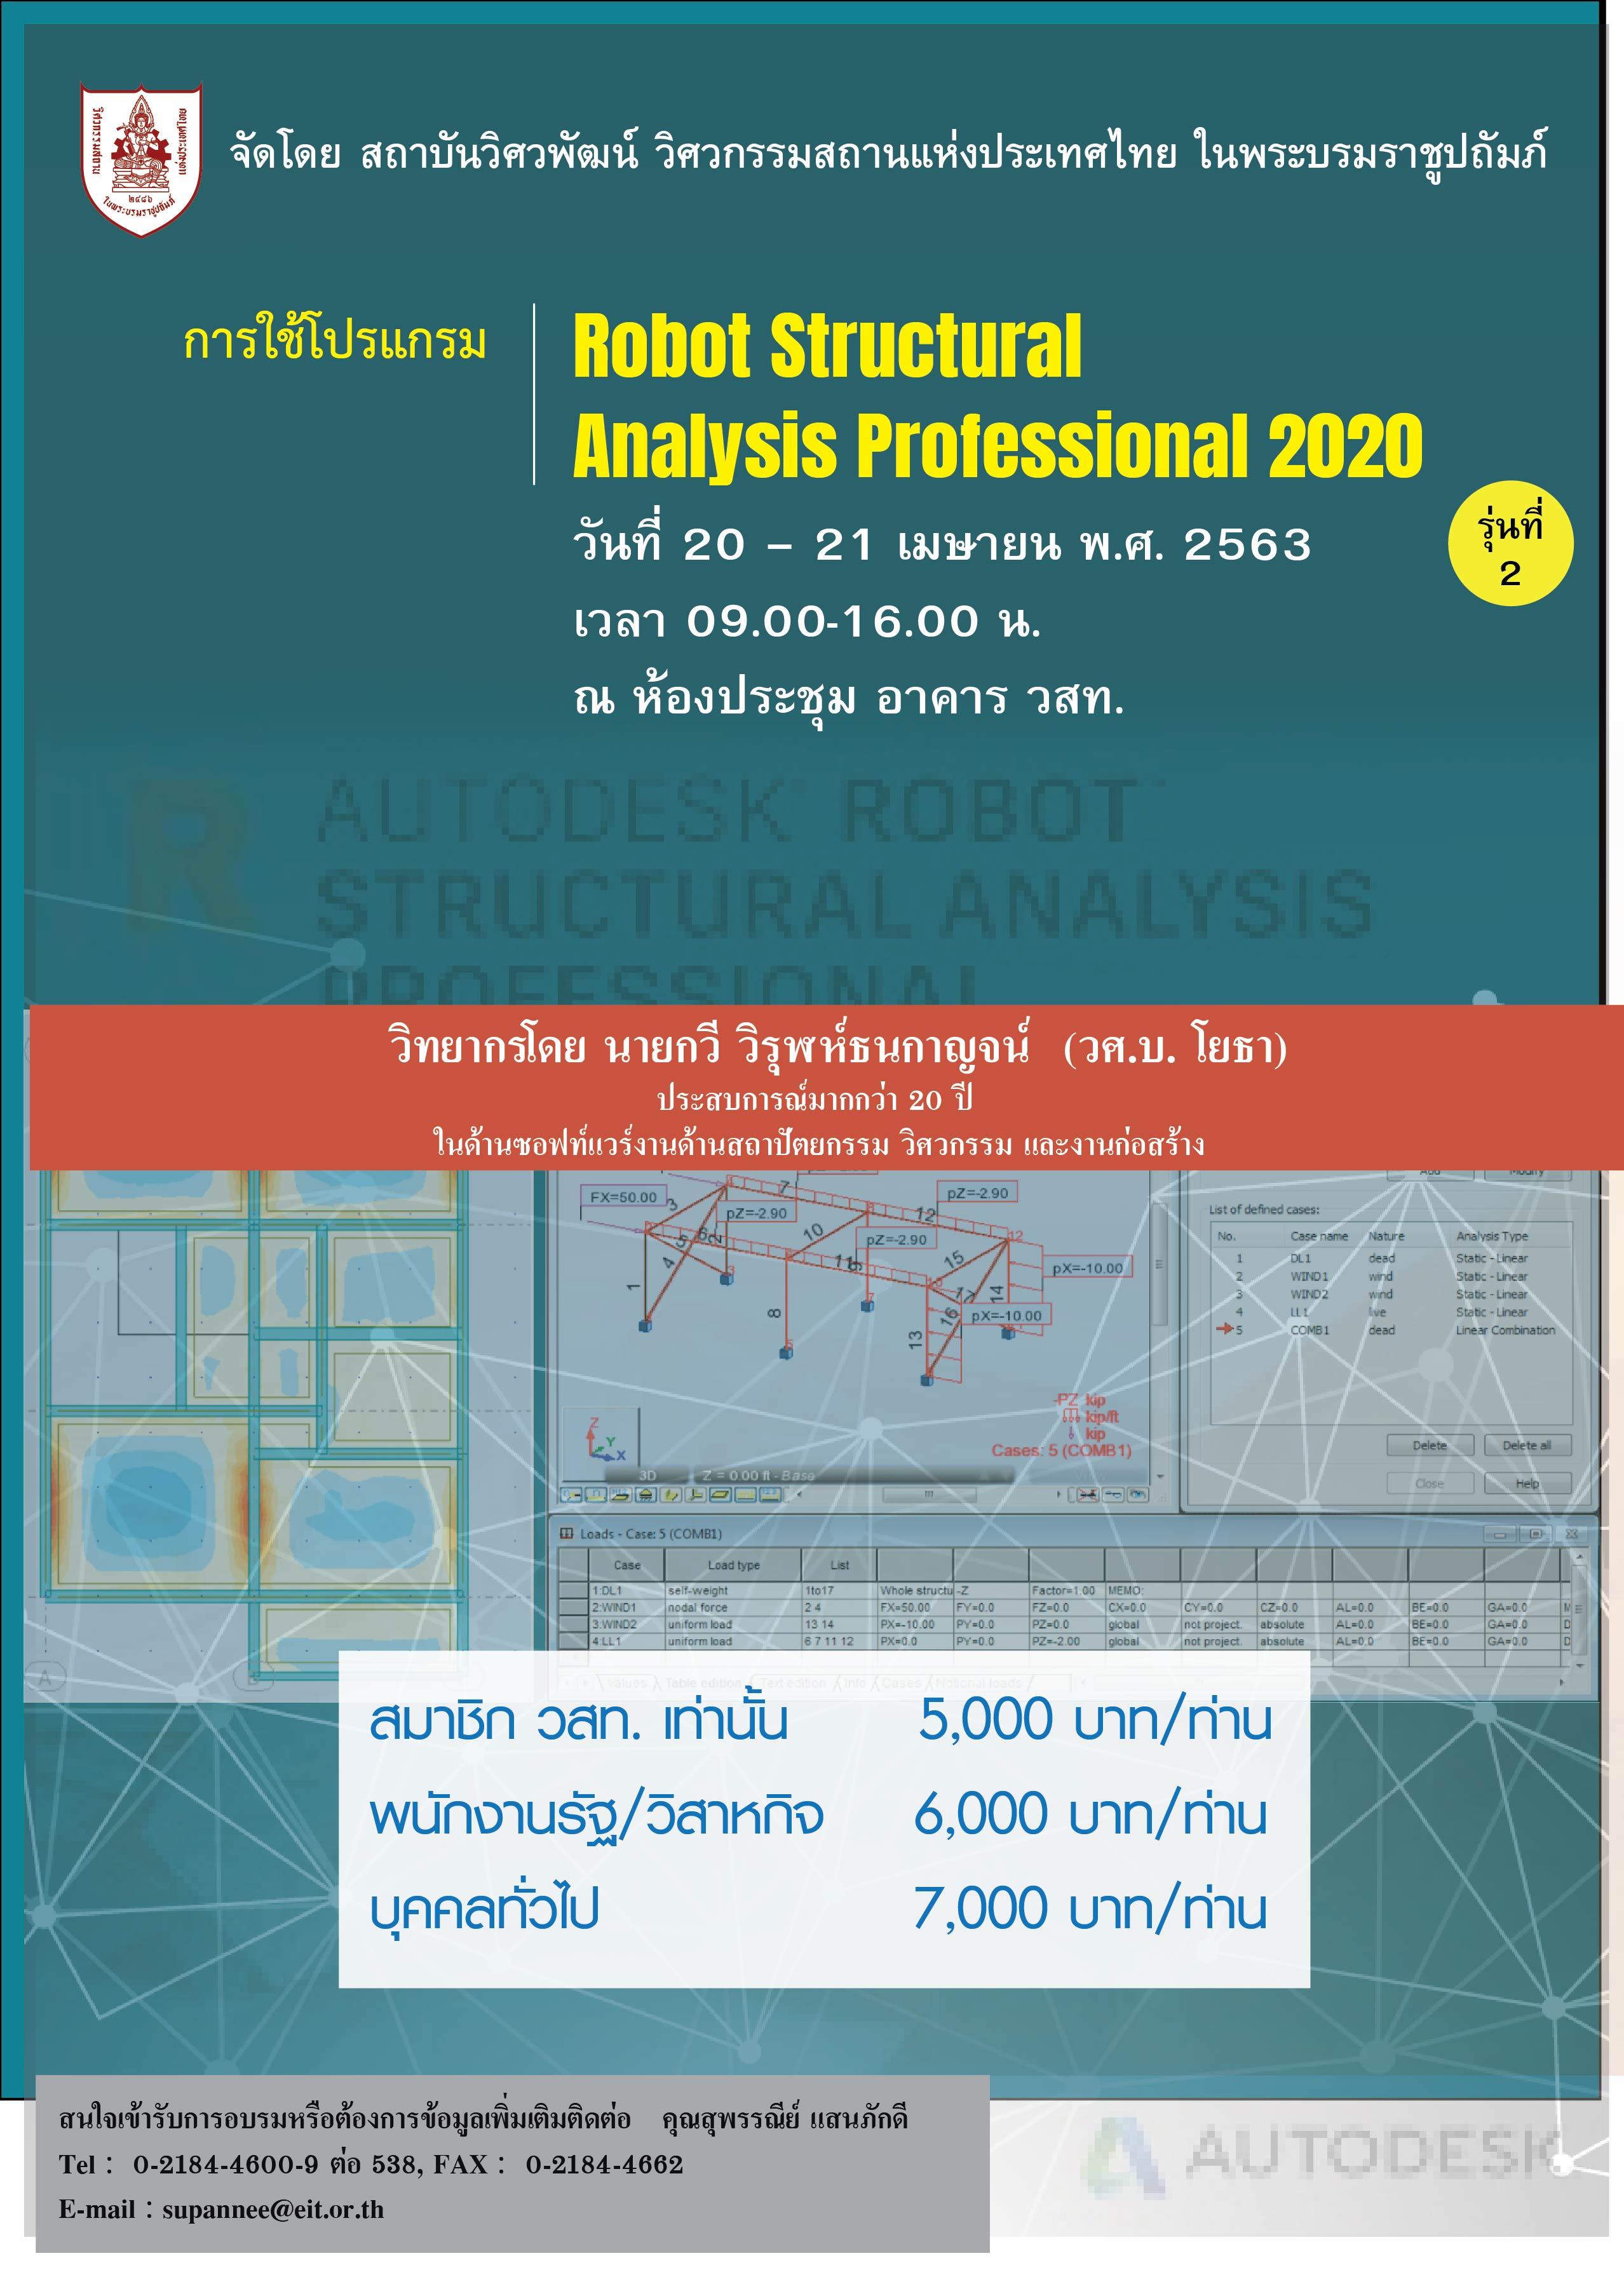 17-18/03/2564 การอบรมเชิงปฏิบัติการเรื่อง  การใช้โปรแกรม Robot Structural Analysis Professional 2020  รุ่นที่ 2